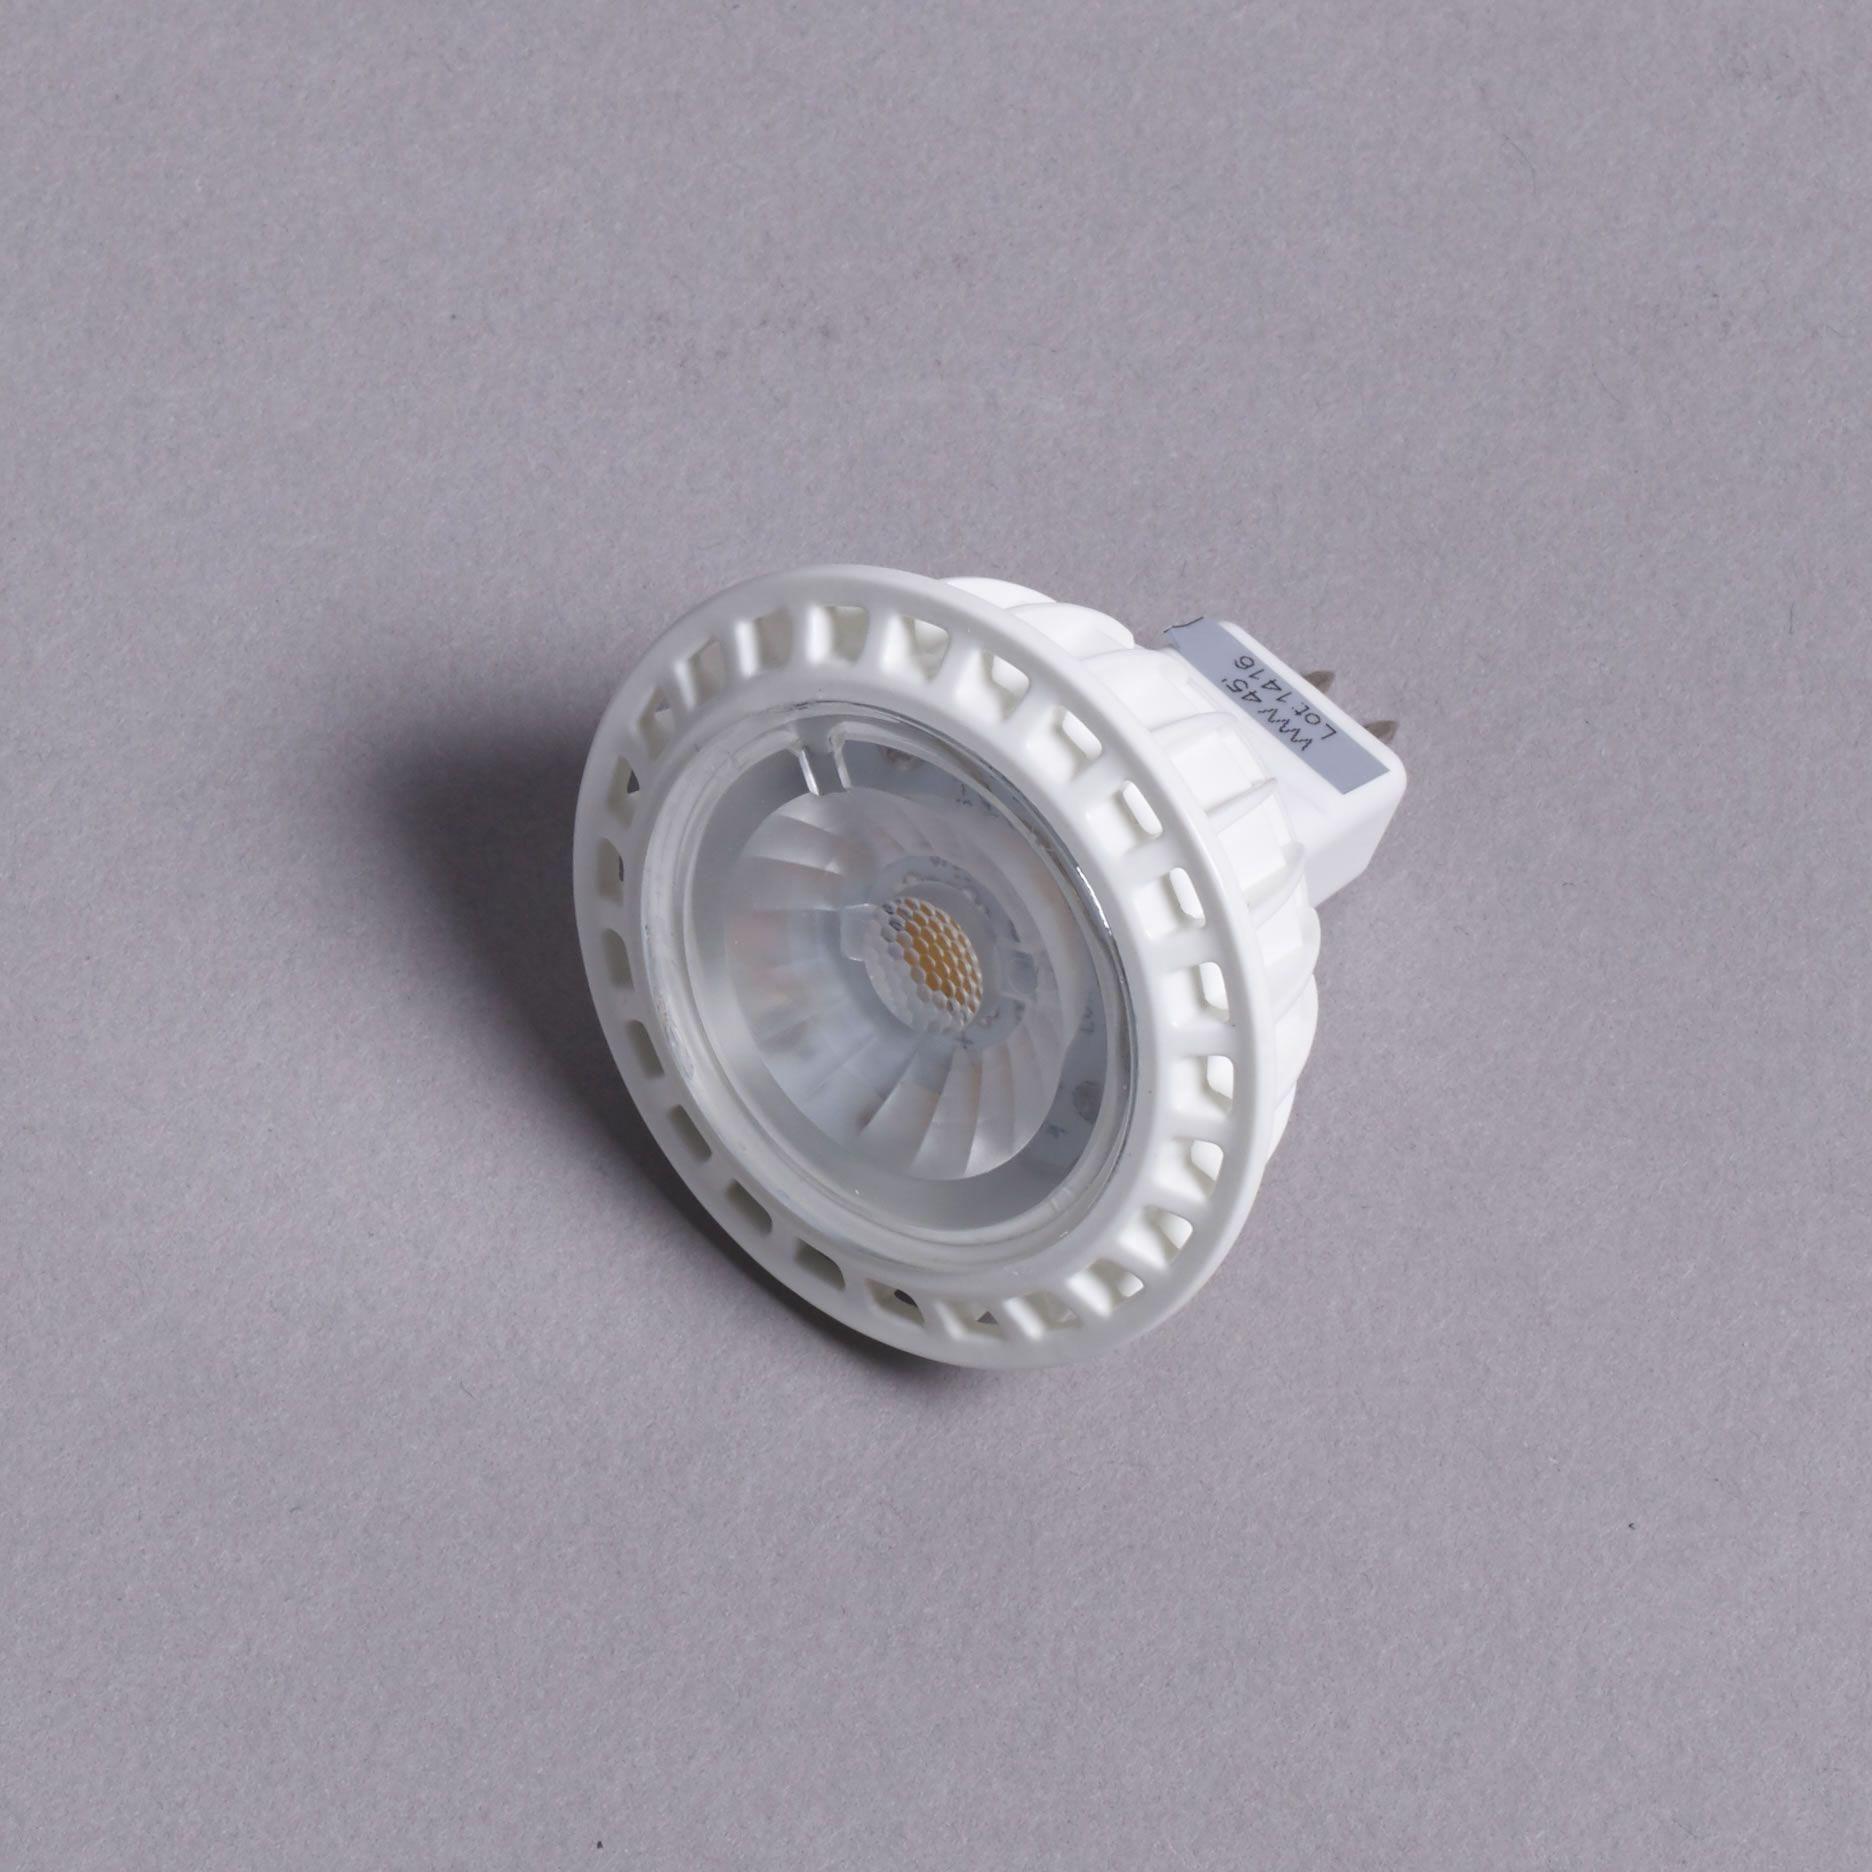 Kitchen Lighting Halogen Or Led: LED Replacement For Halogen Lamps, LED MR16 GU5.3